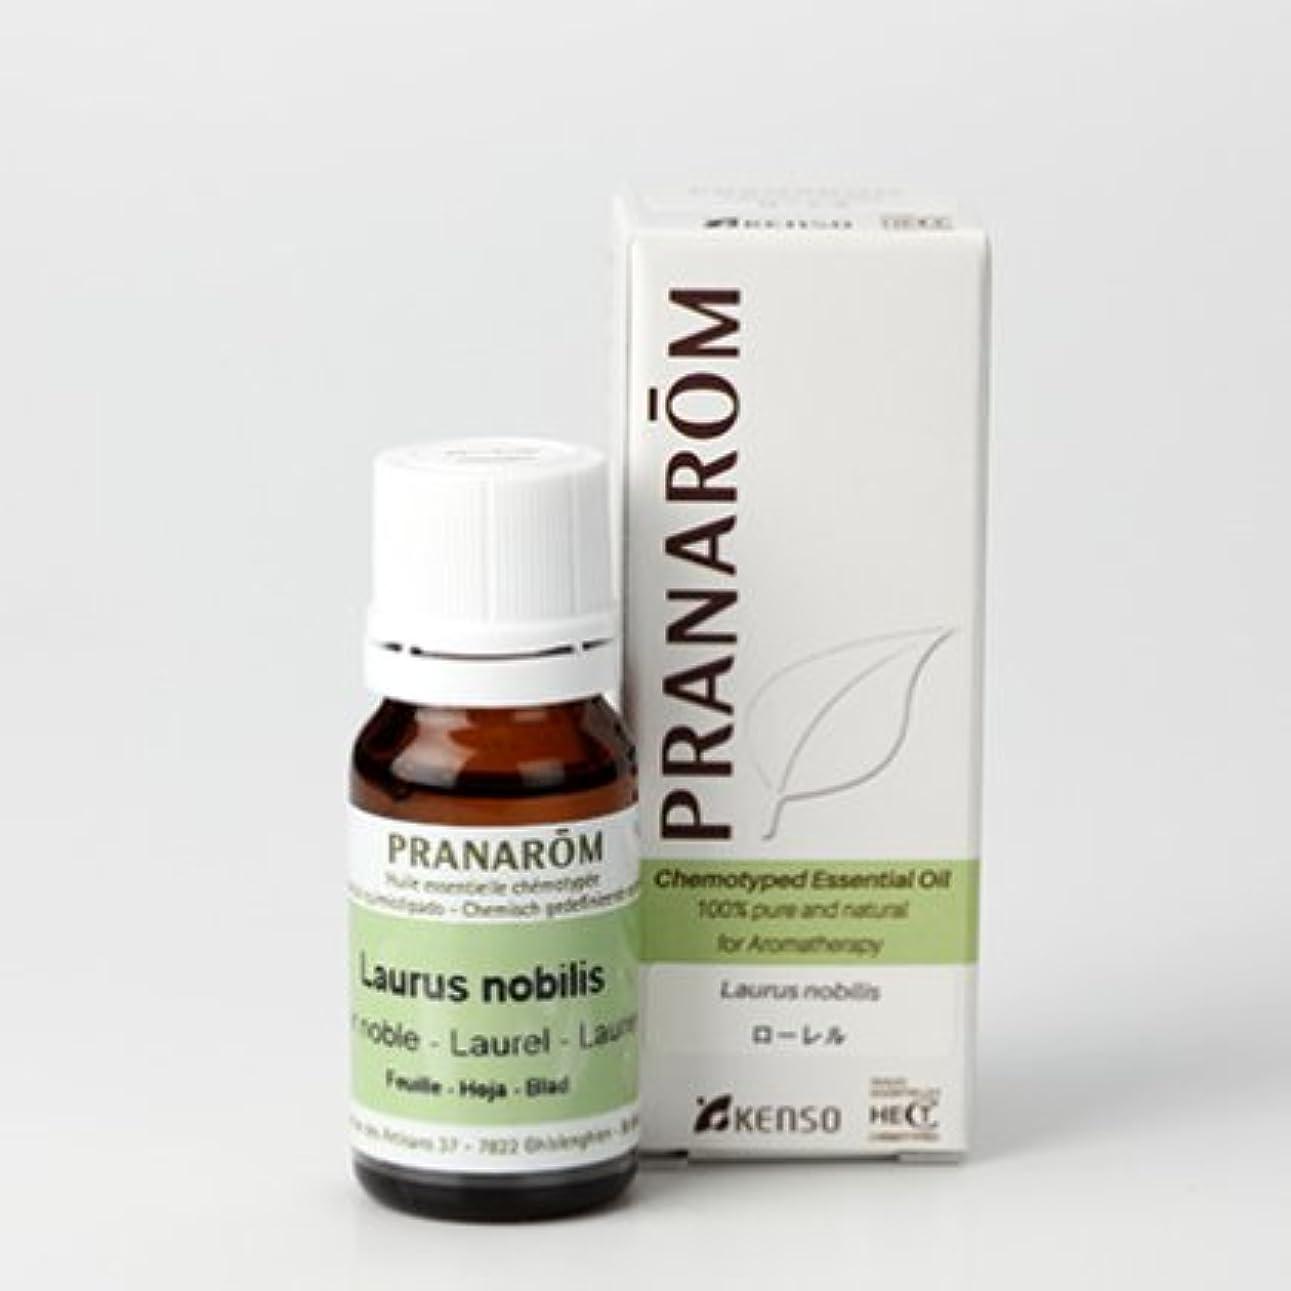 アーサーコナンドイル異なるバリアローレル 10mlトップノート プラナロム社エッセンシャルオイル(精油)